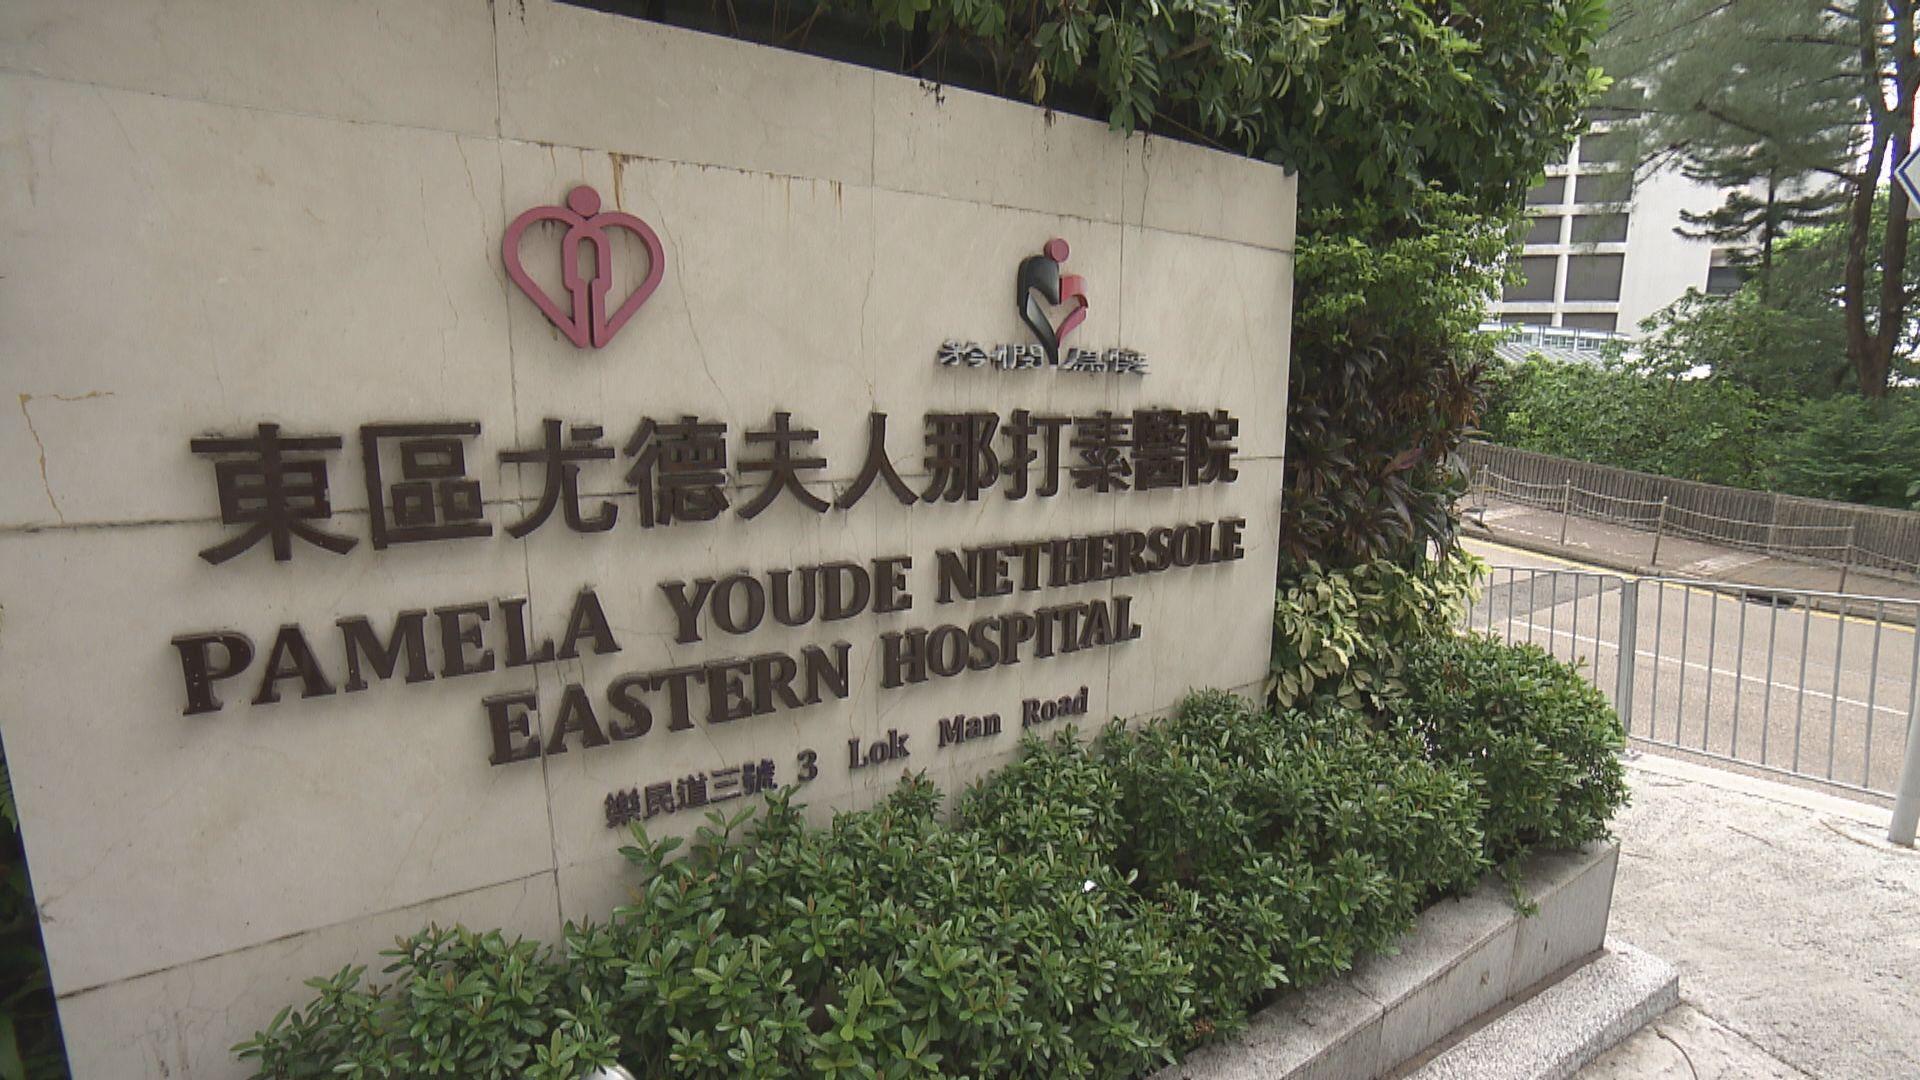 東區醫院三名病人初步確診 曾與患者同房